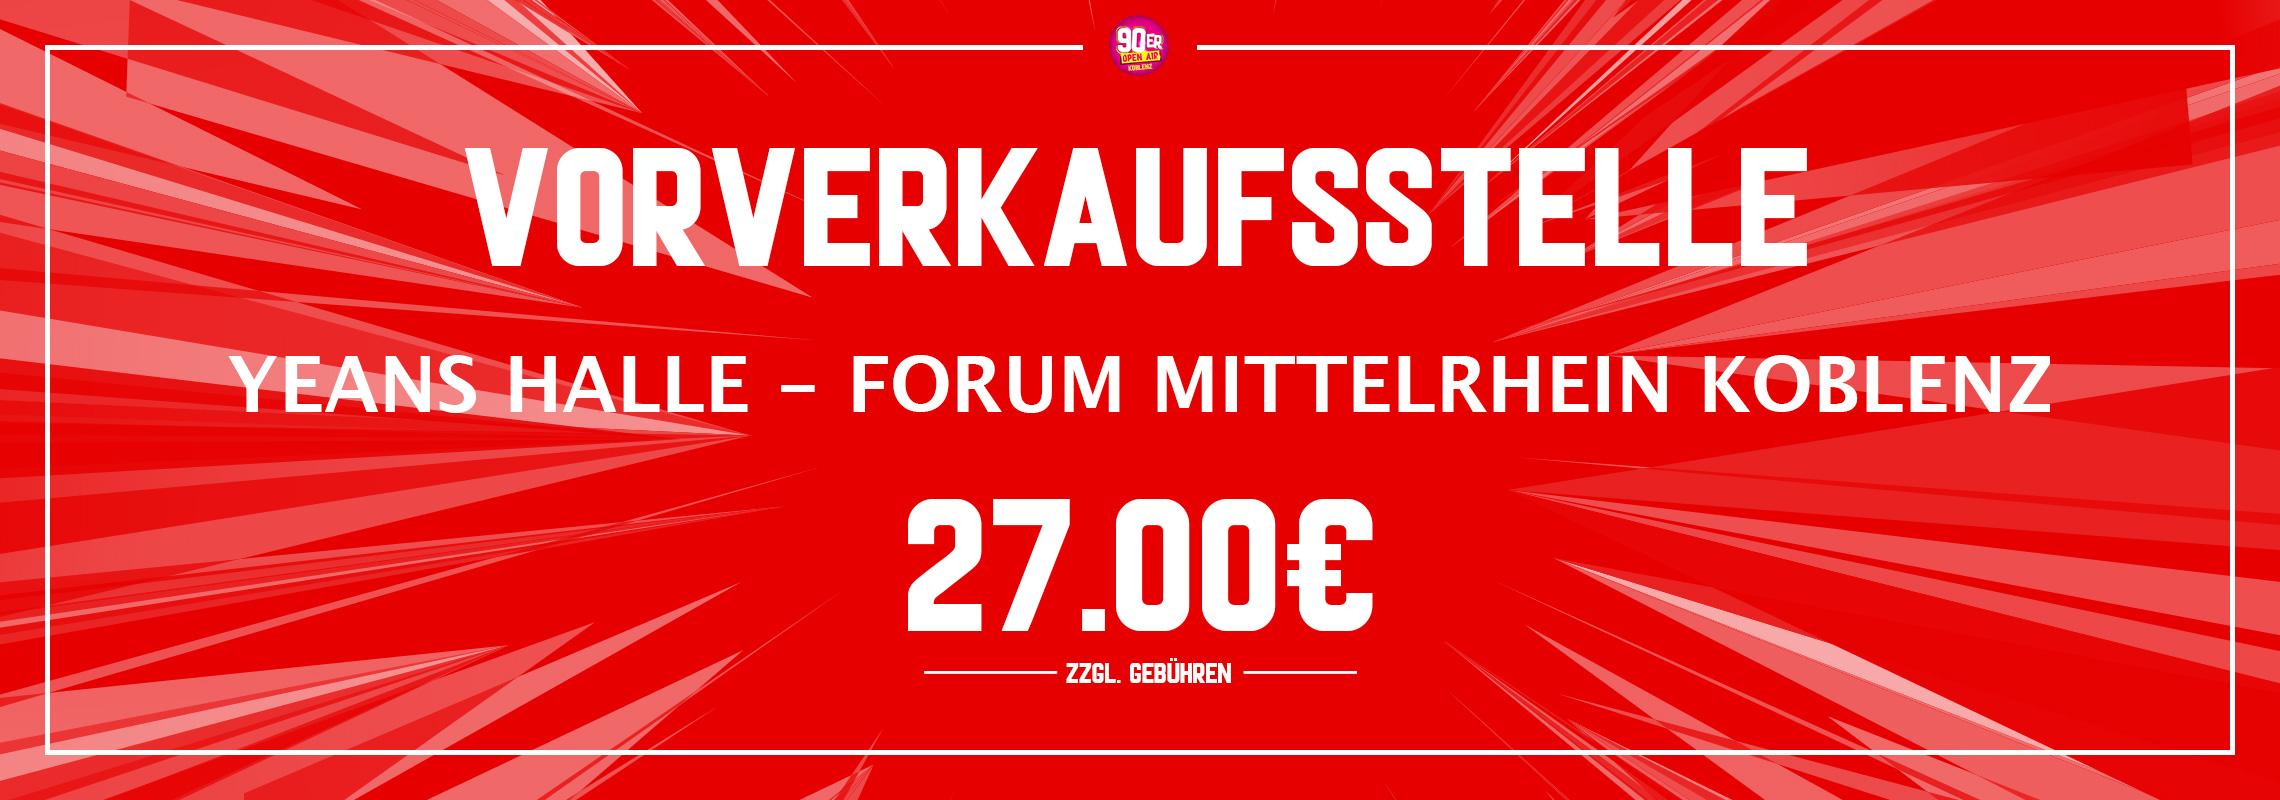 Tickets_VVK_Stelle